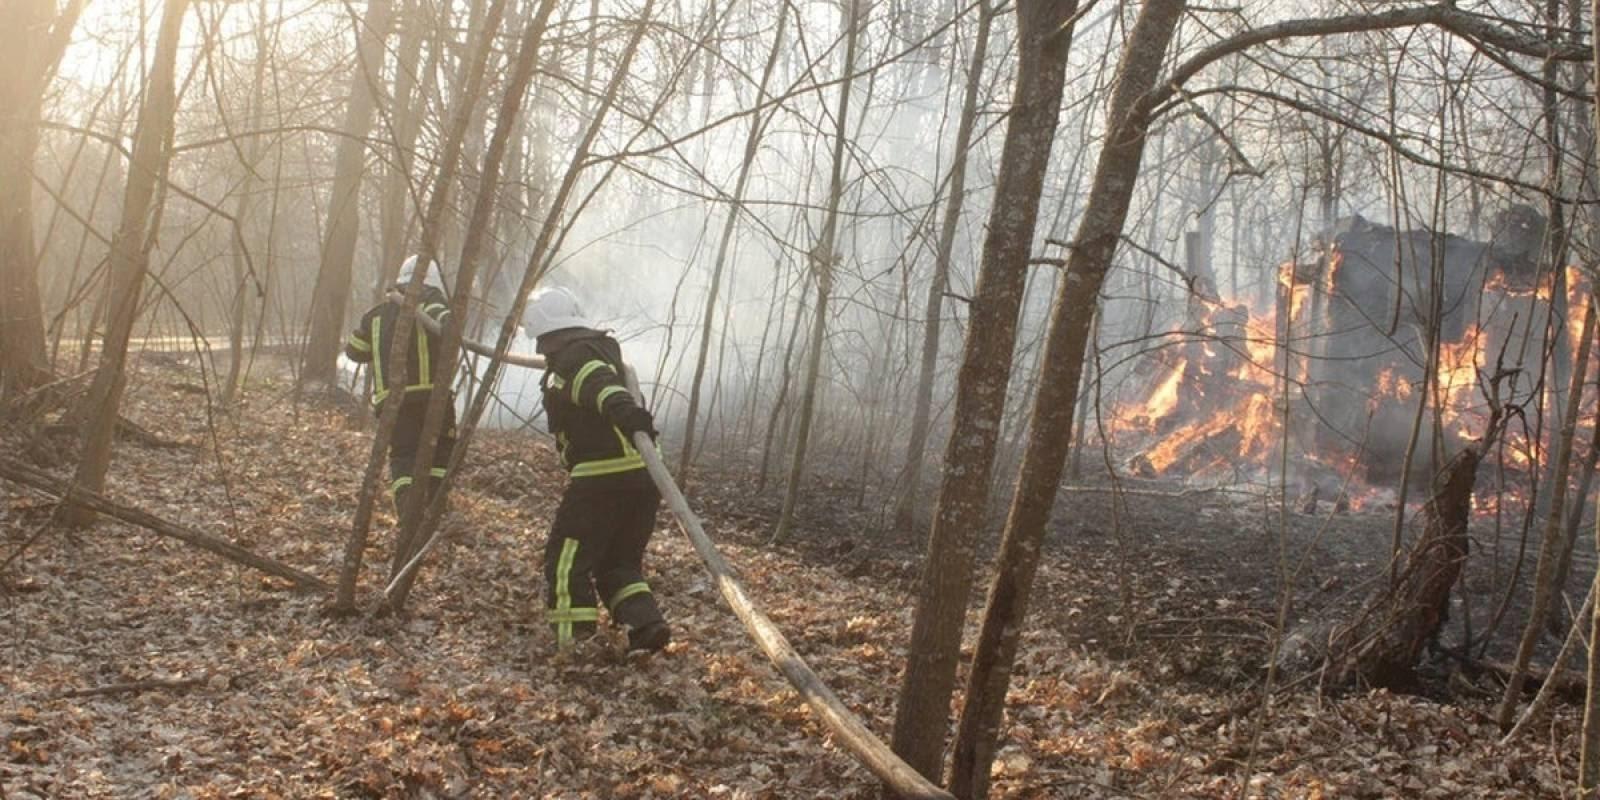 Chernóbil: radiación se reactiva por incendios forestales en Ucrania